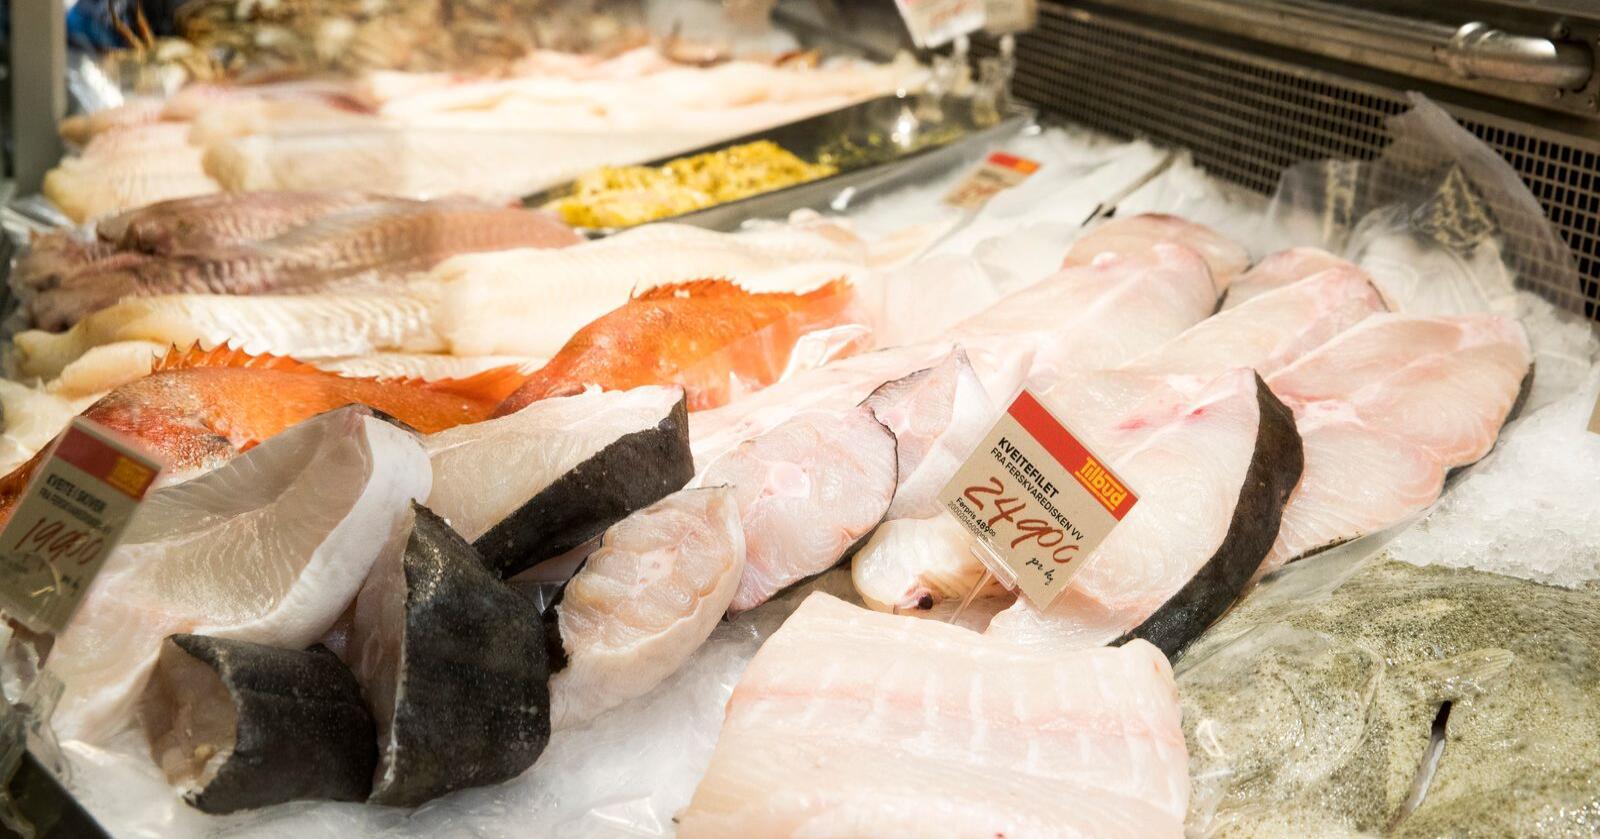 Regjeringen vil at barn og unge skal spise mer fisk. De gir 10,5 millioner kroner til kostholdsprogrammet Fiskesprett. Illustrasjonsfoto: Terje Pedersen / NTB scanpix